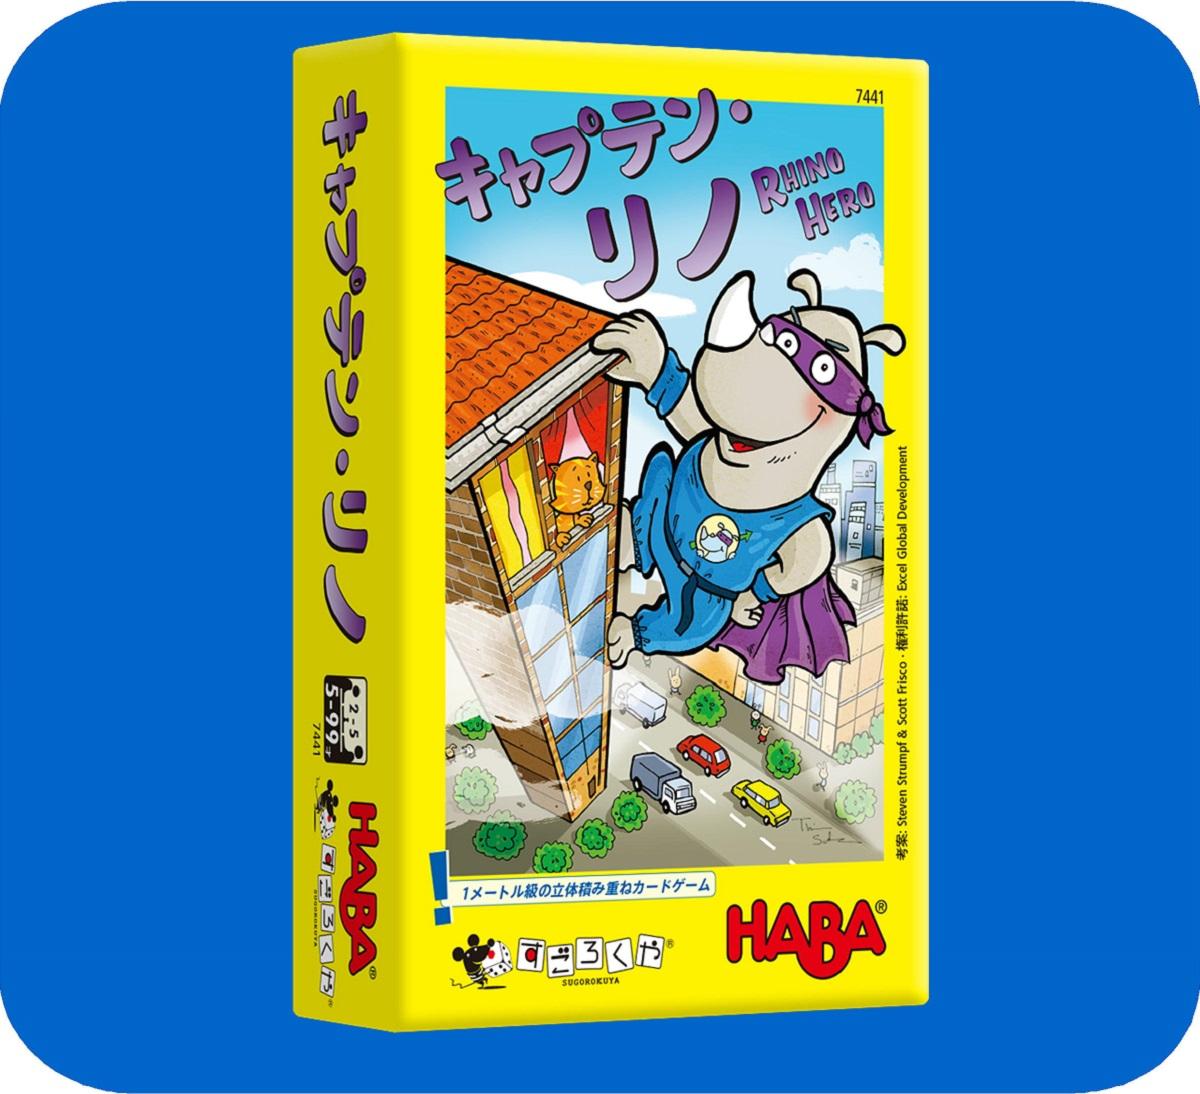 カードゲーム「キャプテン・リノ」